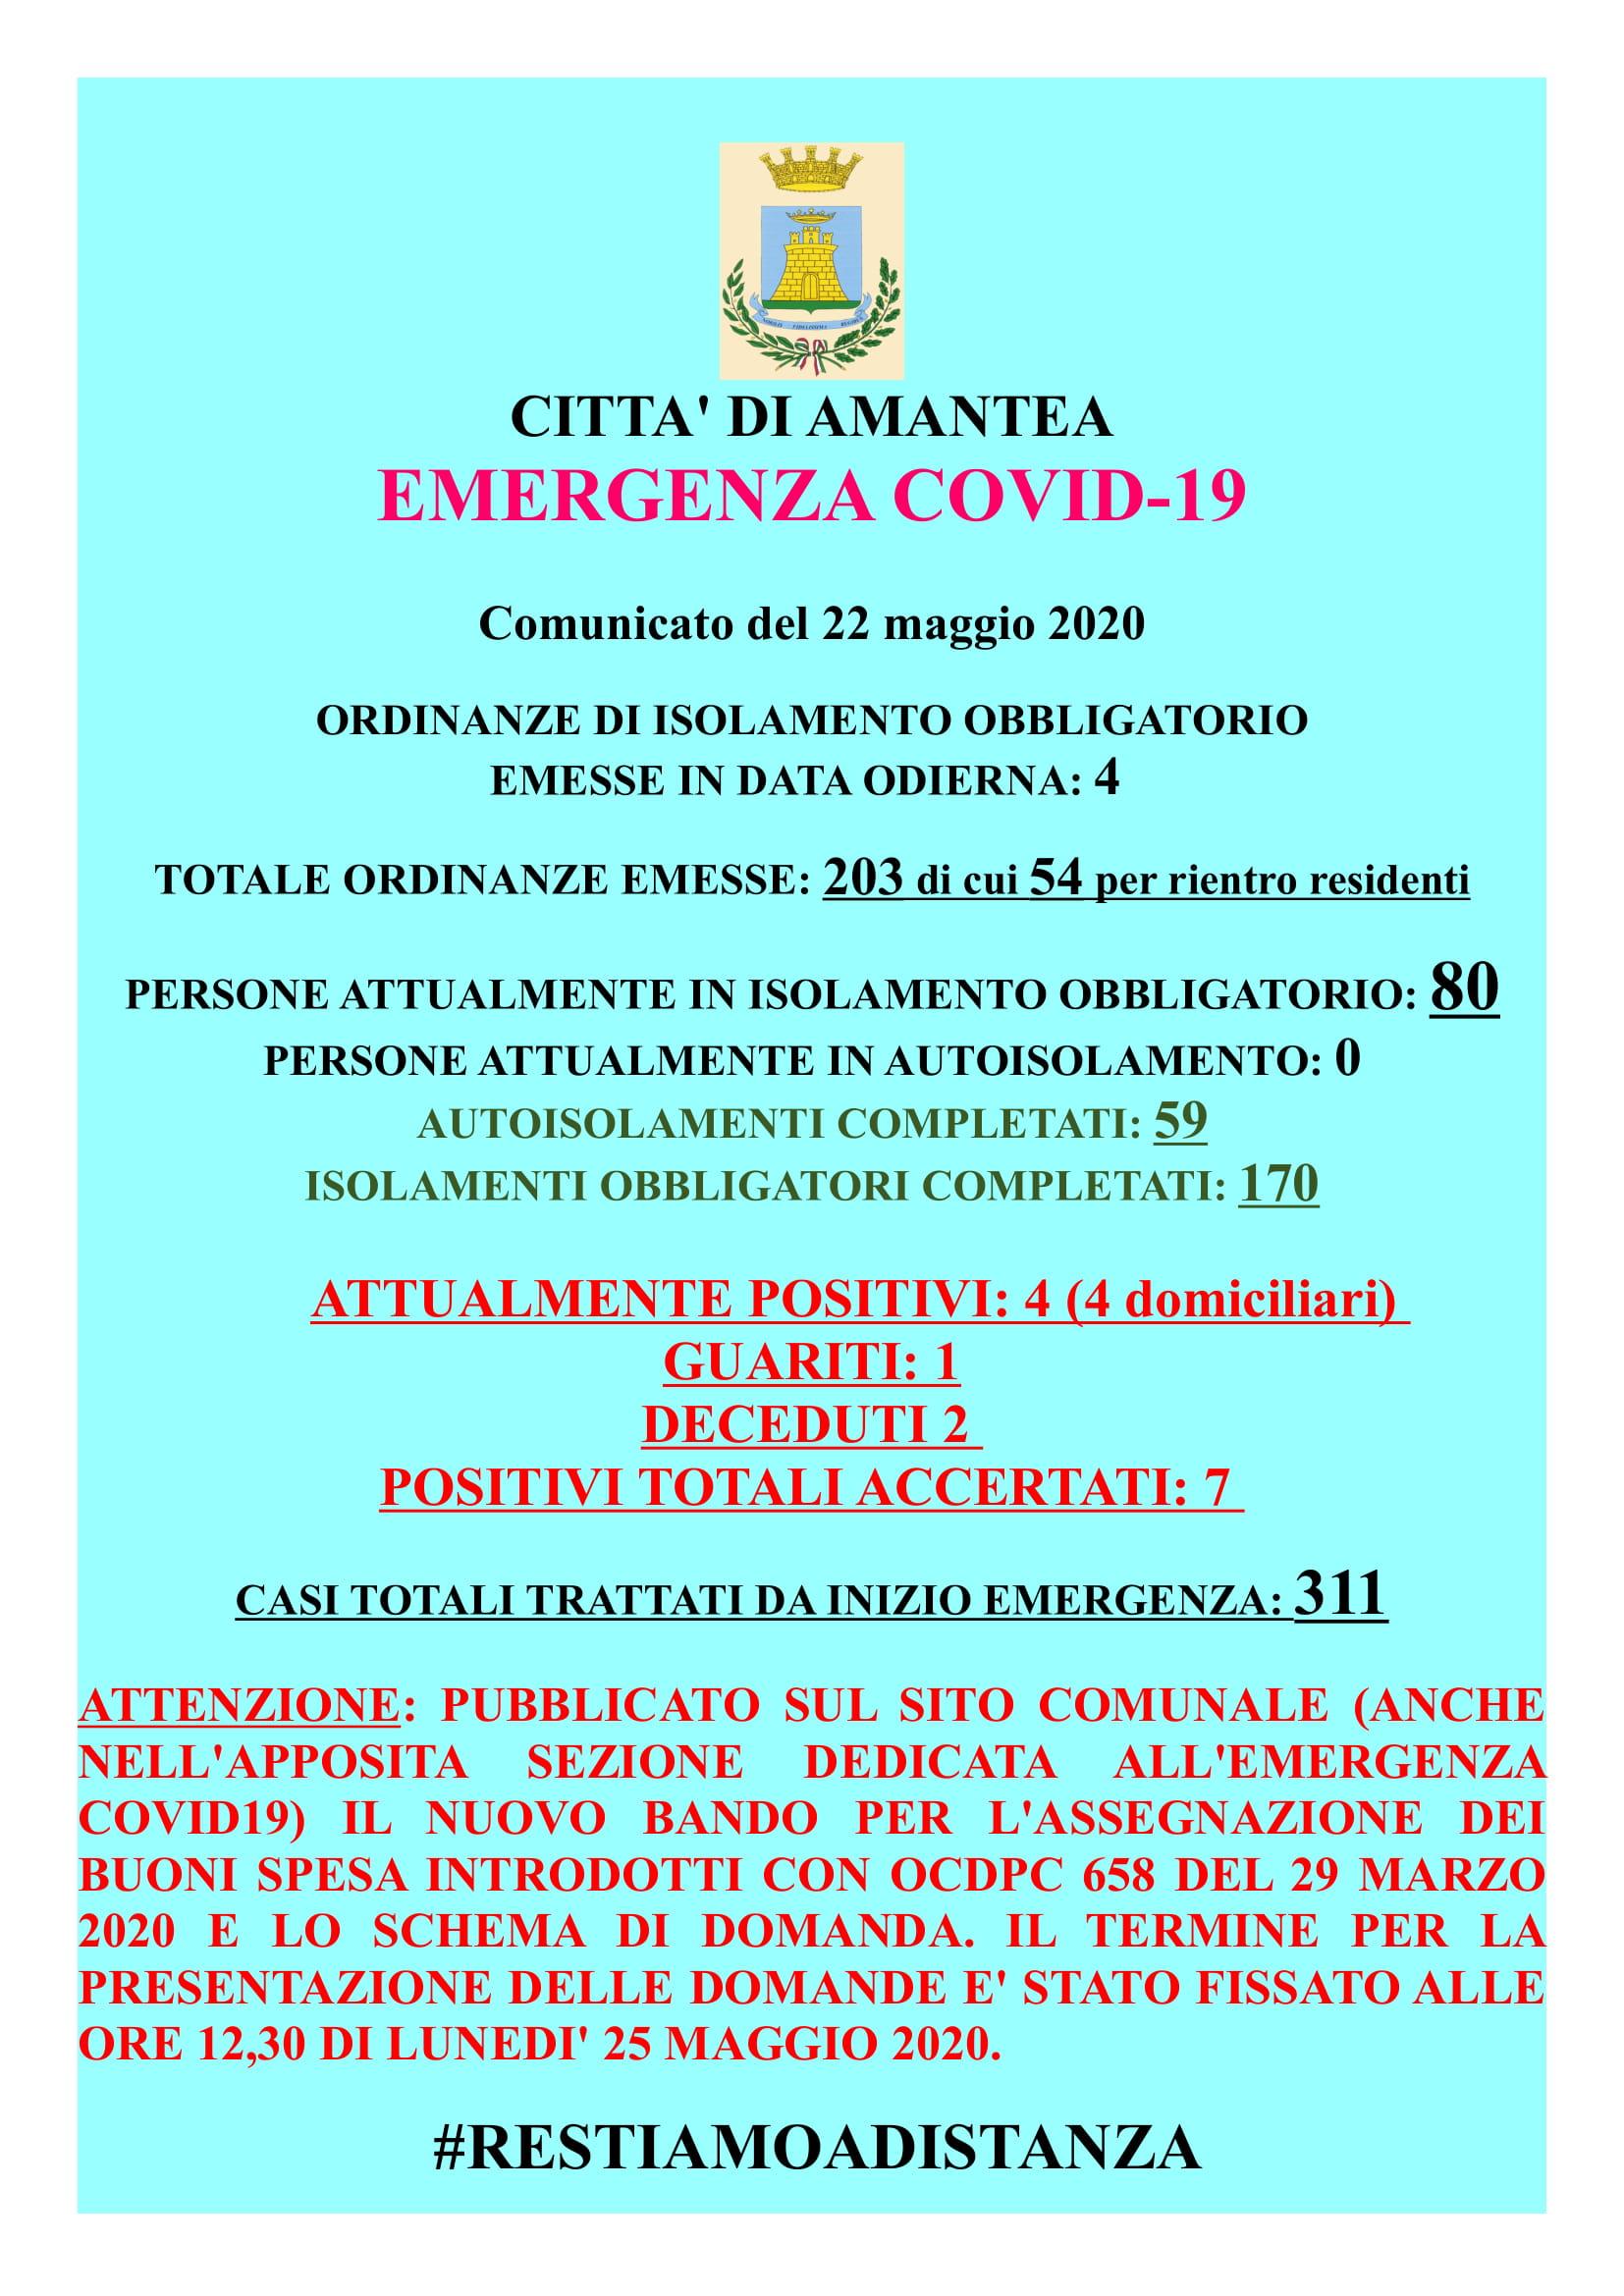 EMERGENZA COVID-19 Comunicato del 22 Maggio 2020